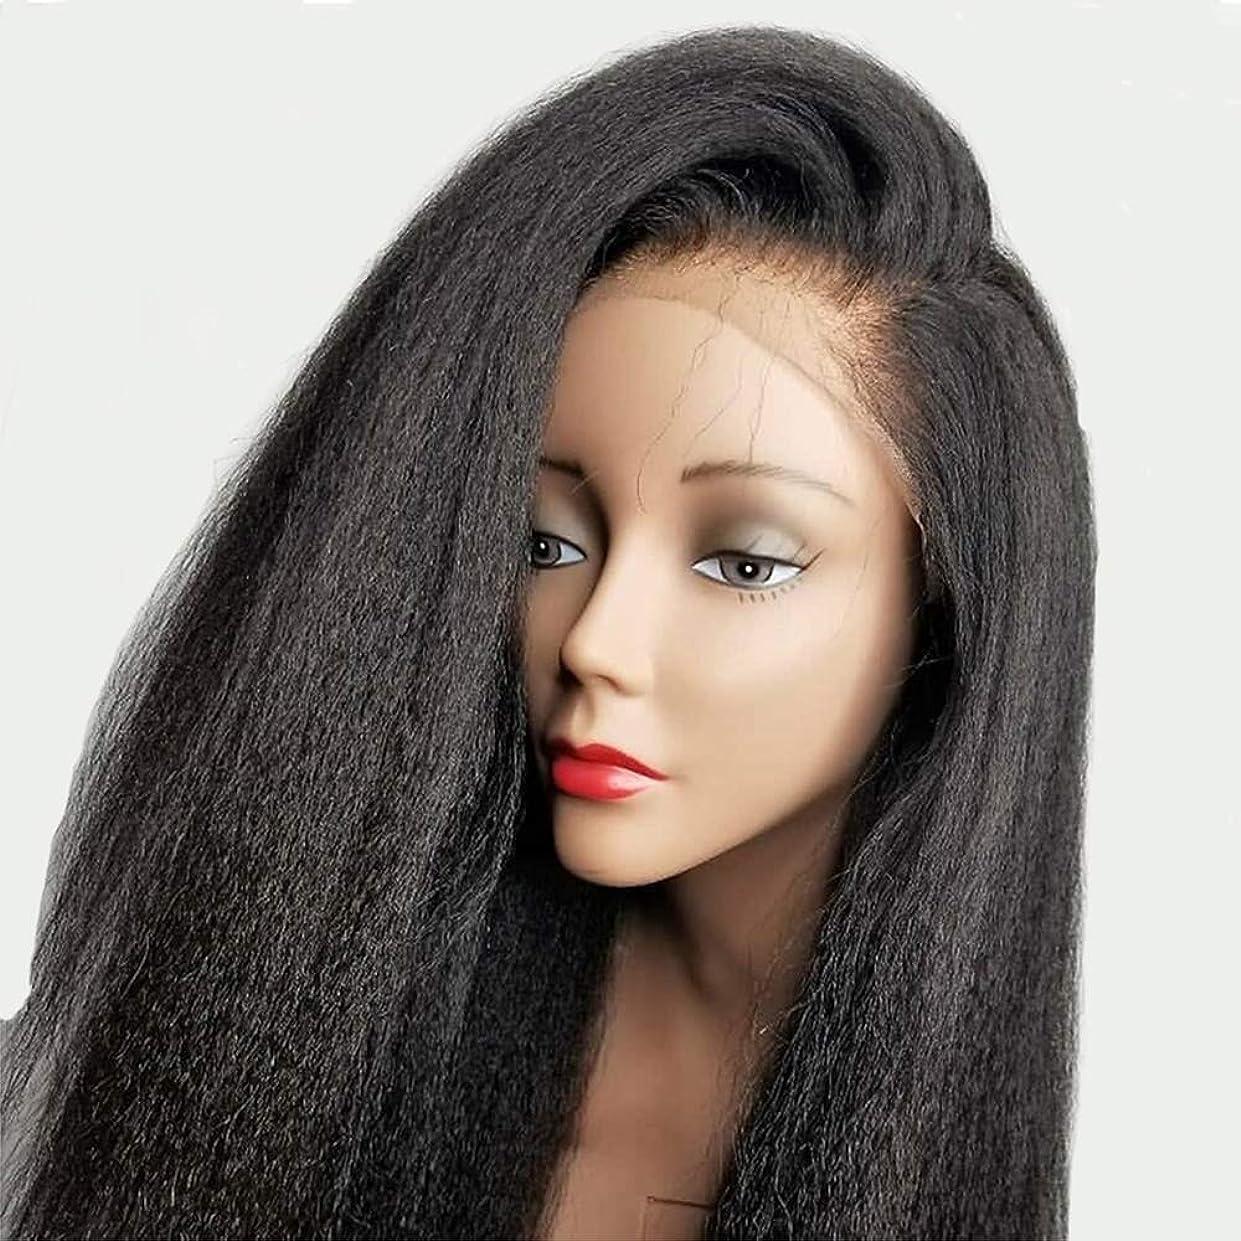 突然のレギュラー作業女性ストレートヘアレース前頭かつらブラジルバージン人間の髪赤ちゃんの髪の合成ナチュラルブラック24インチ